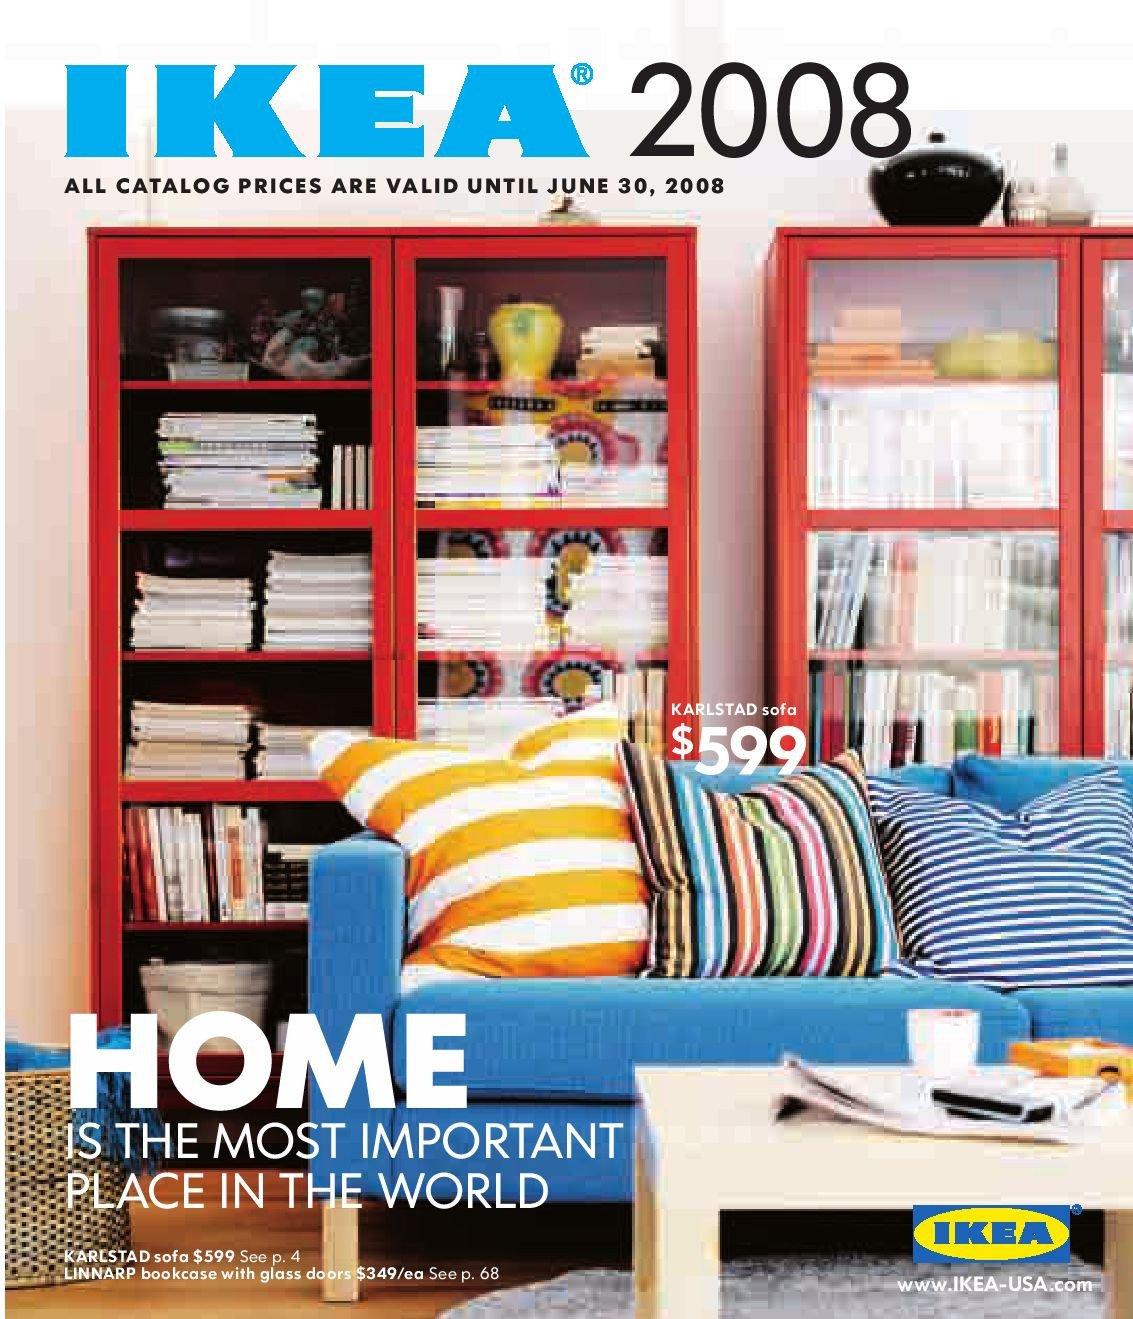 King Bedroom Set Ikea Best Of Ikea 2008 Catalog by Odabashianr issuu